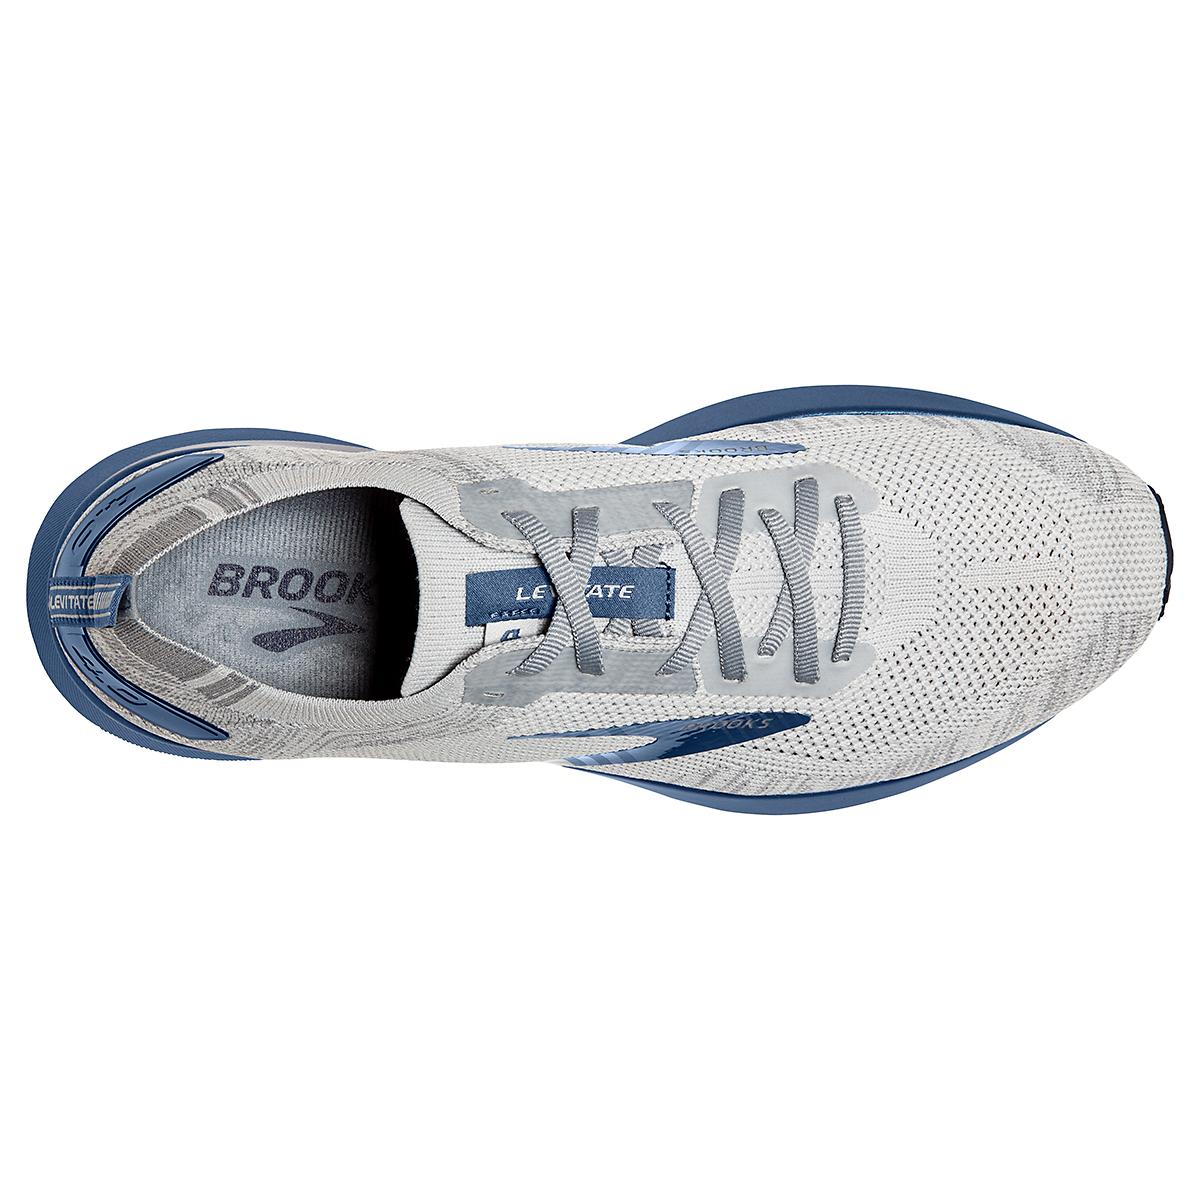 Men's Brooks Levitate 4 Running Shoe - Color: Grey/Oyster/Blue - Size: 7 - Width: Regular, Grey/Oyster/Blue, large, image 3